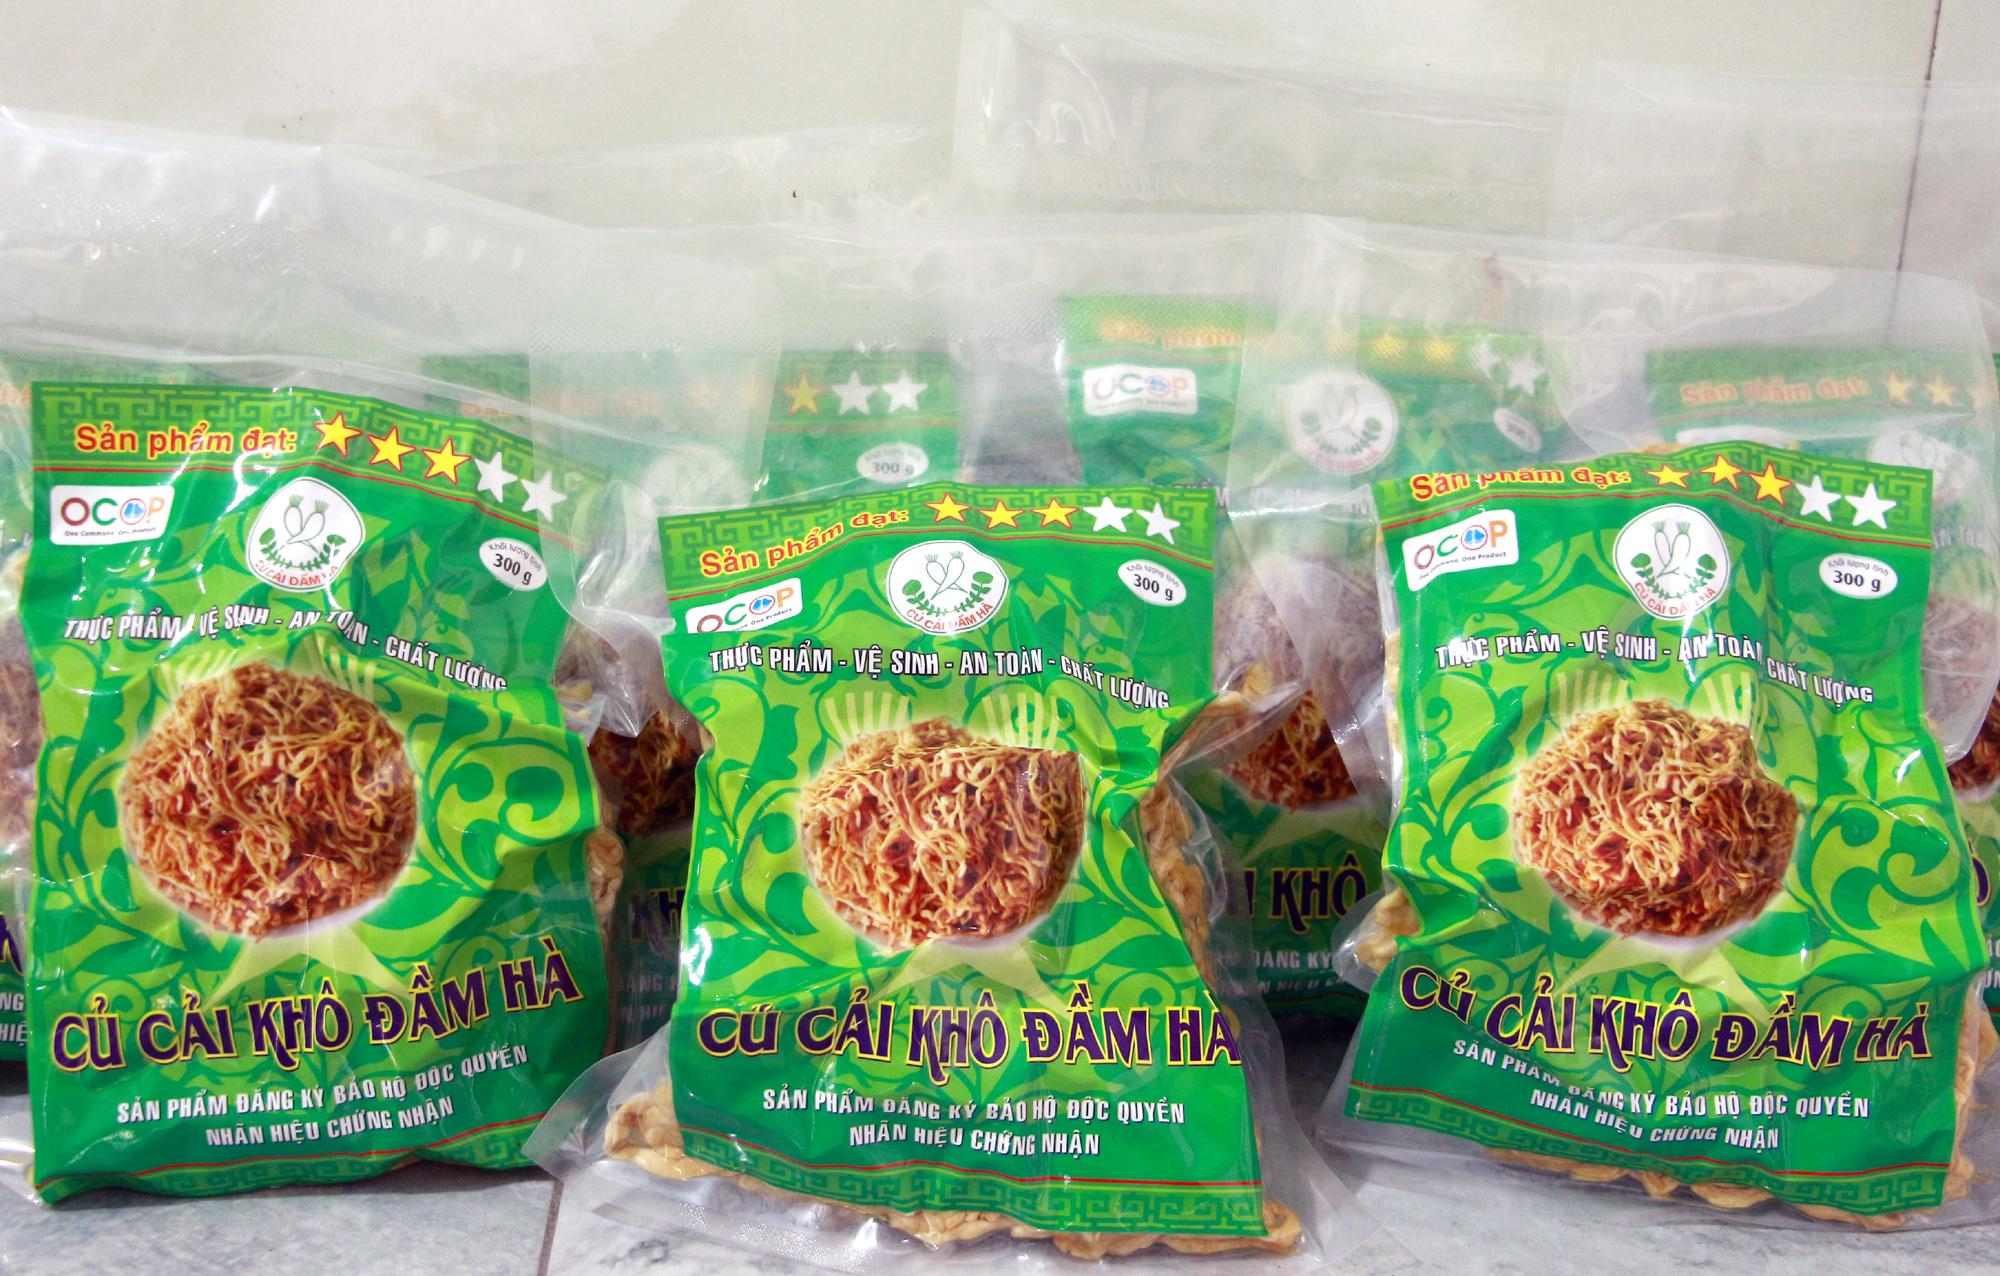 Sản phẩm củ cải khô Đầm Hà được đóng gói 300g.